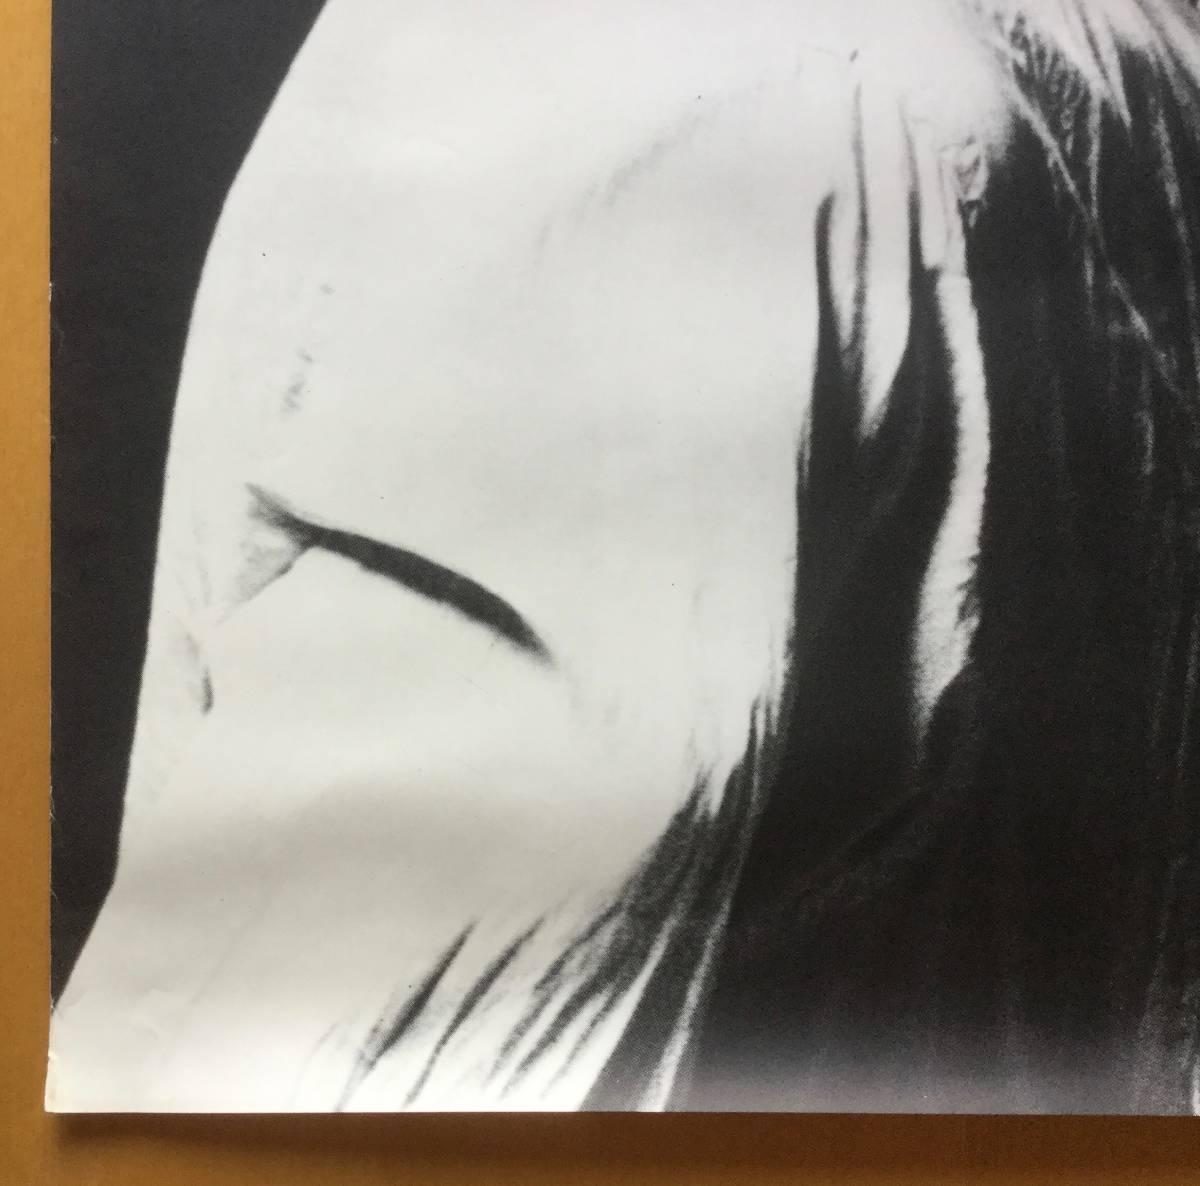 西城秀樹/B1ポスター(4)青春3650_画像3